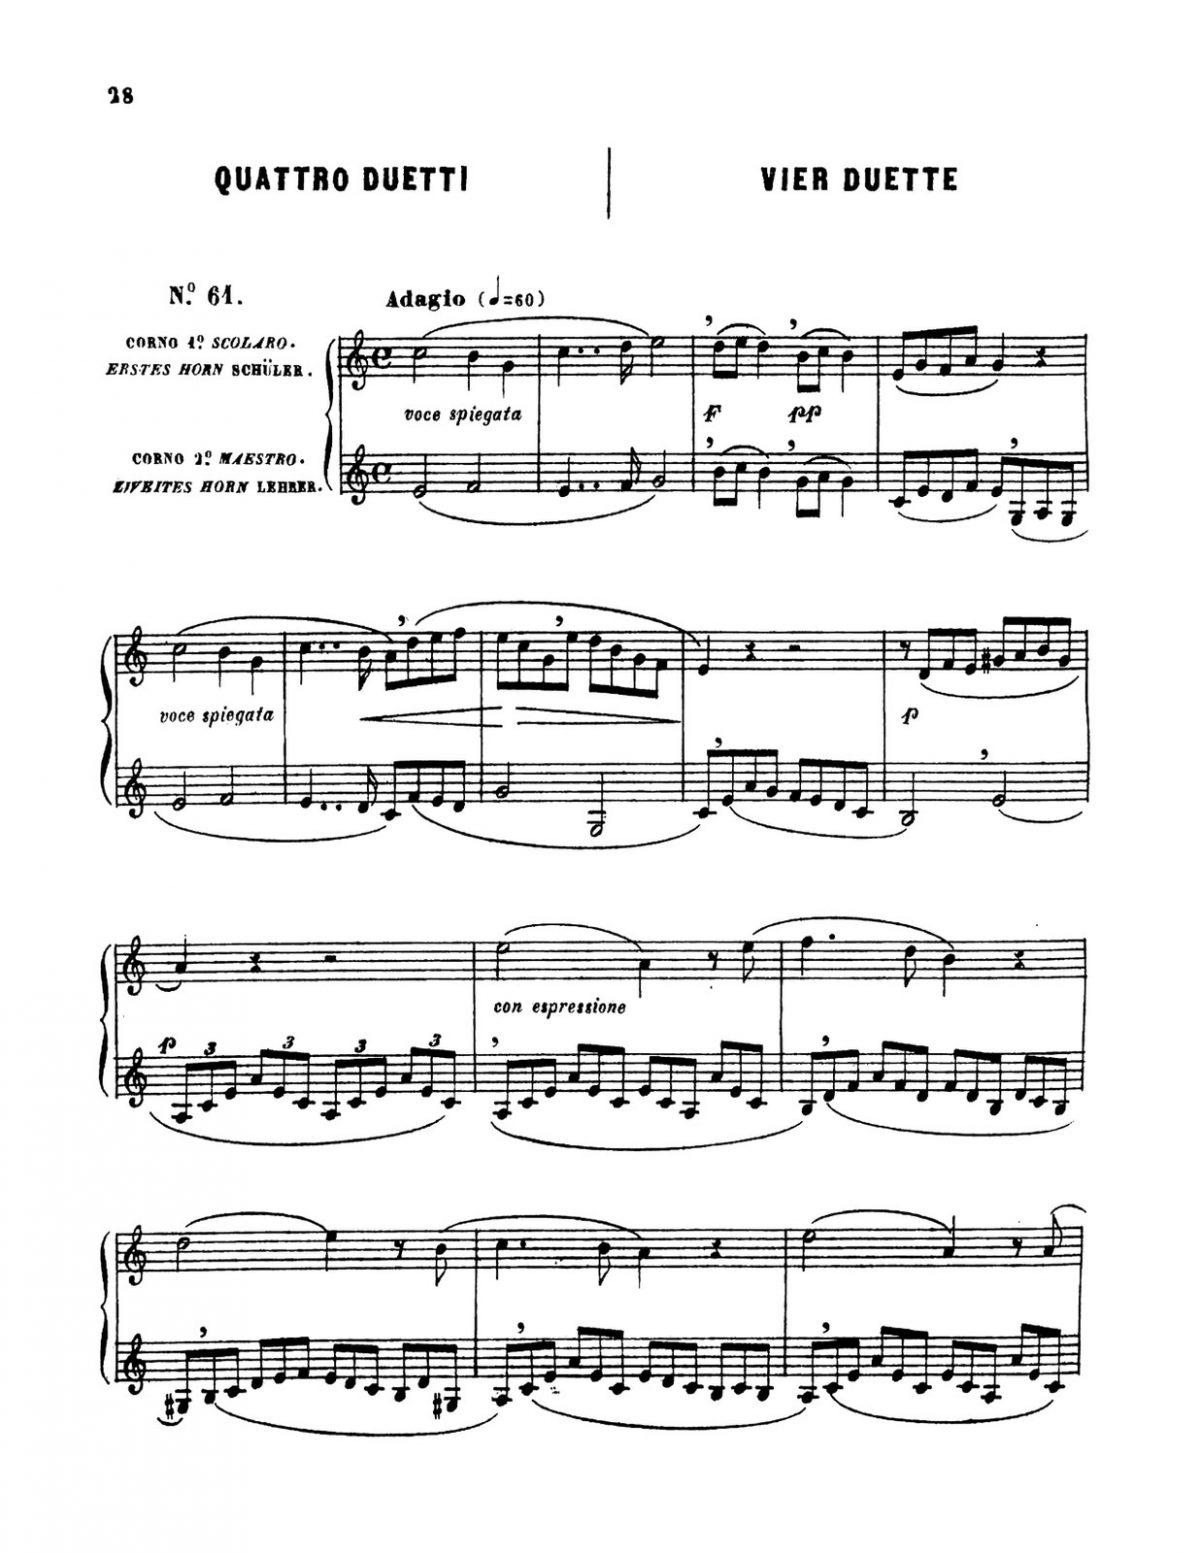 Vecchietti, Metodo Teorico Pratico per Corno-p032